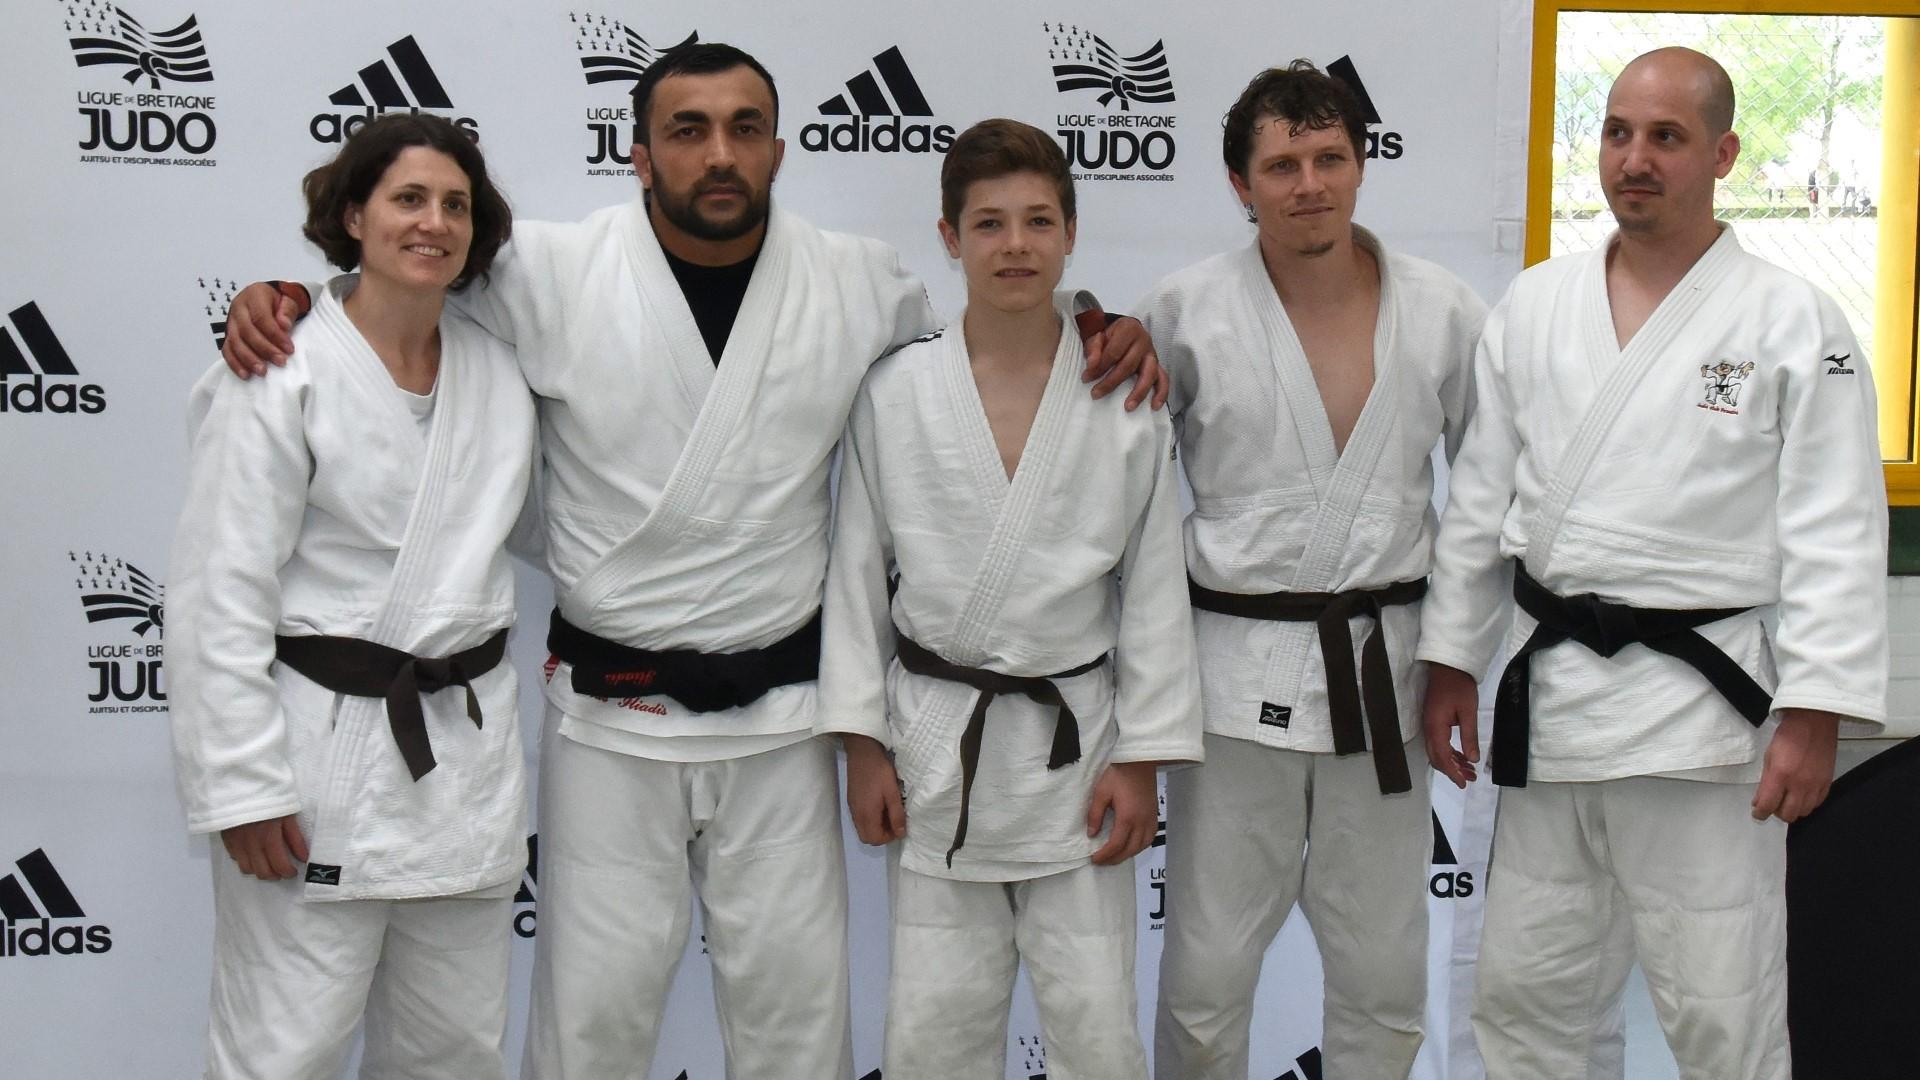 Certains cantépiens ont eu la chance de partager un entraînement avec le champion olympique et triple champion du monde Ilias Iliadis